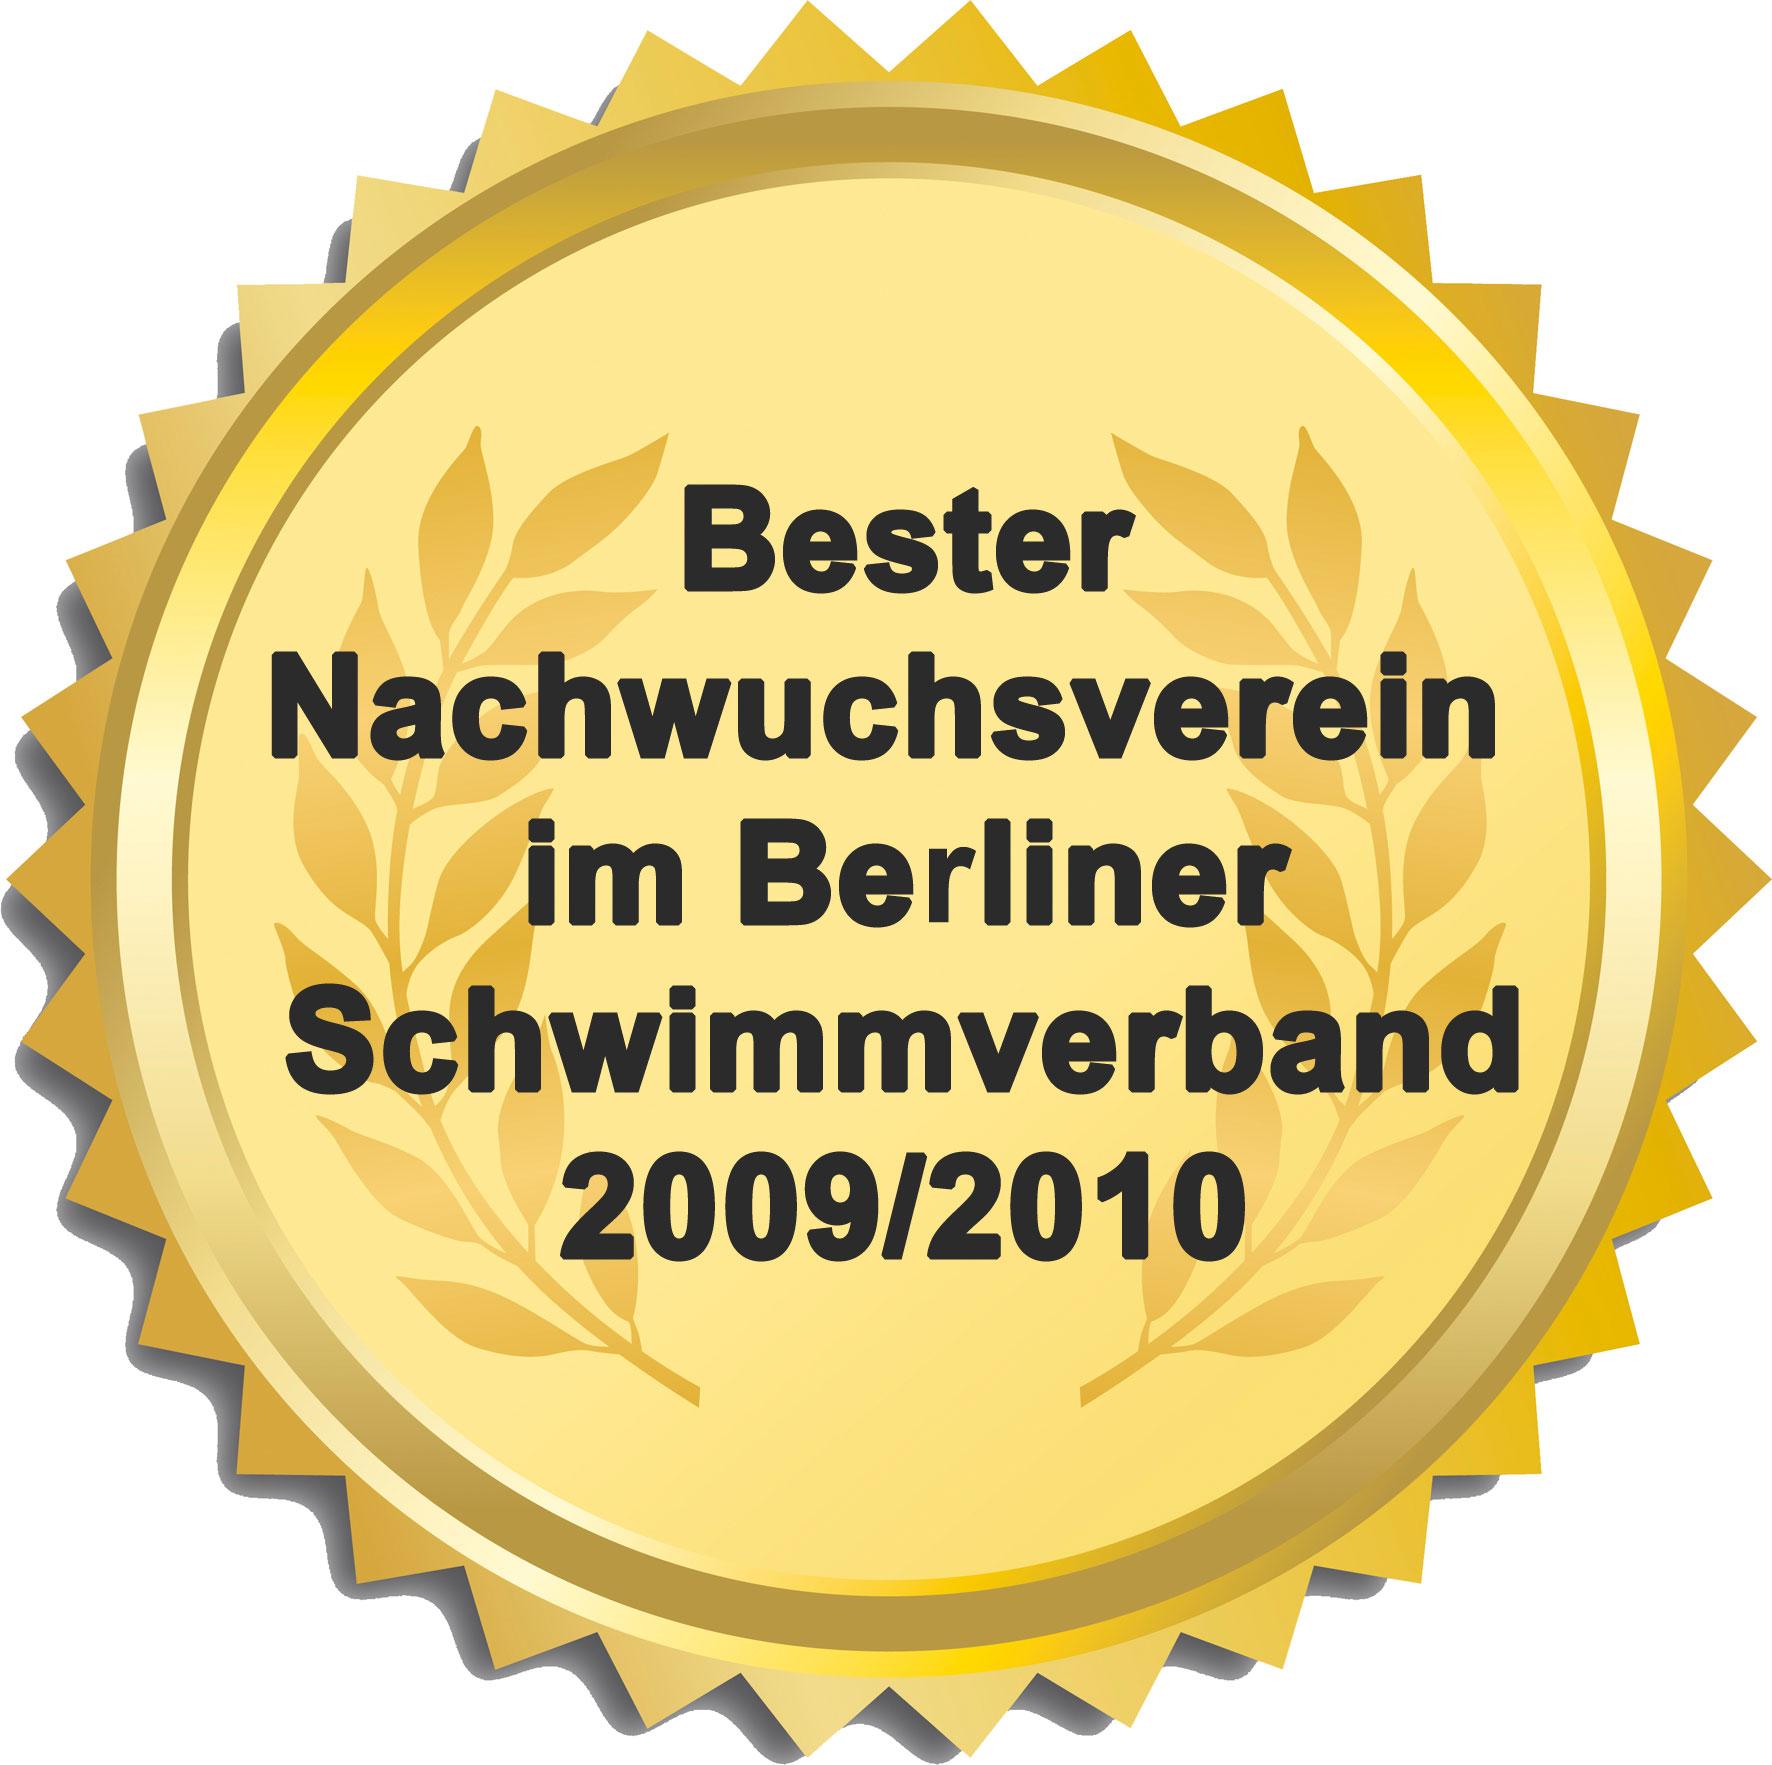 Auszeichnung_gold_BesterNachwuchsverein